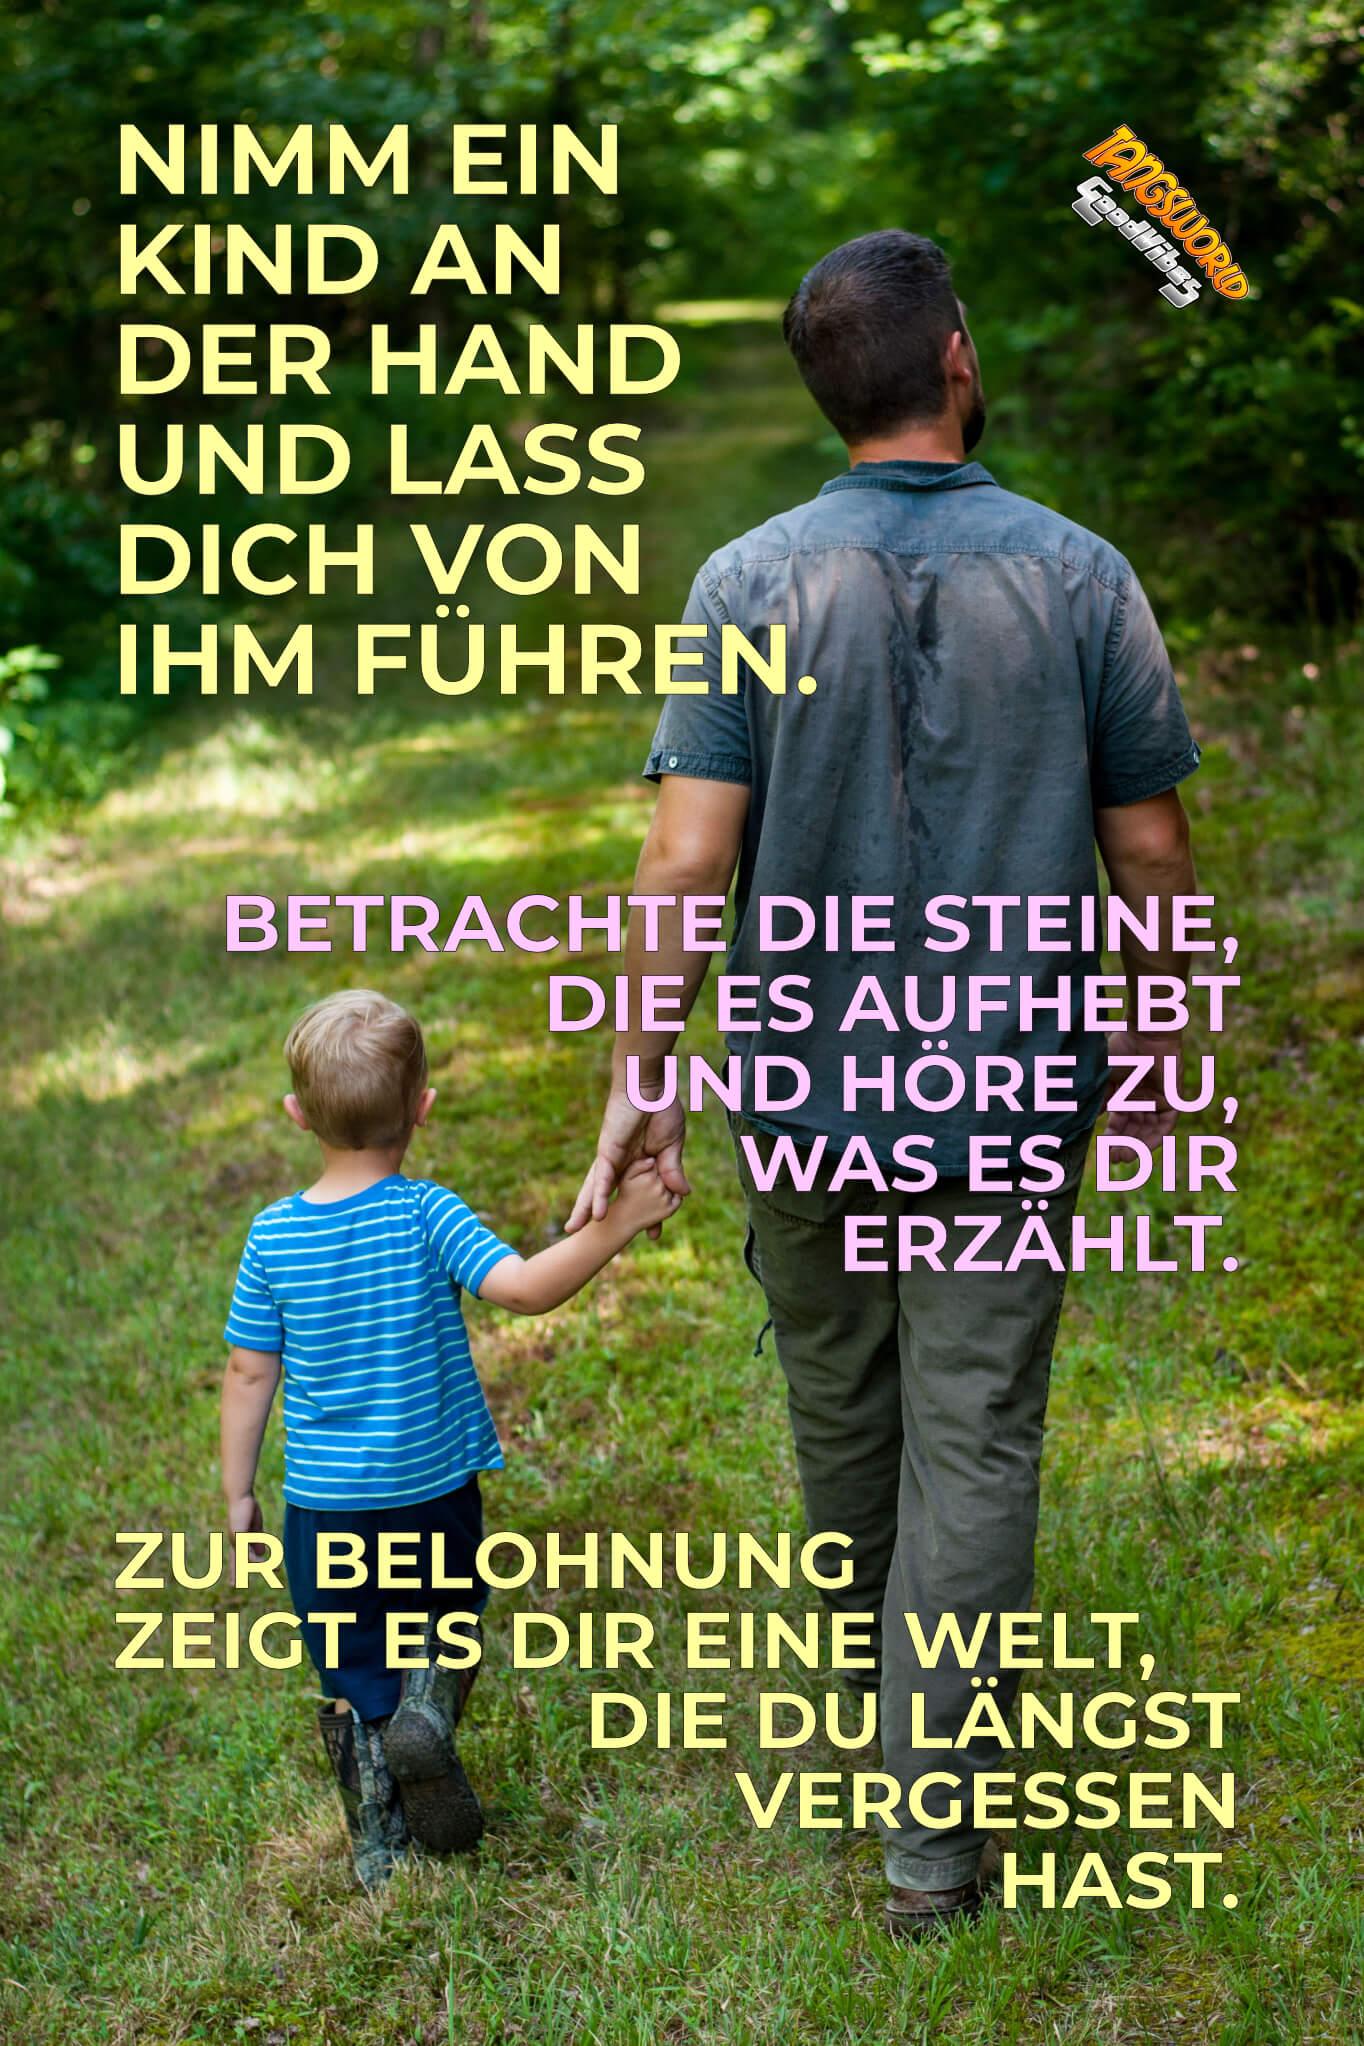 Nimm ein Kind an der Hand und lass dich von ihm führen. Betrachte die Steine, die es aufhebt und höre zu, was es dir erzählt. Zur Belohnung zeigt es dir eine Welt, die du längst vergessen hast. - GoodVibes